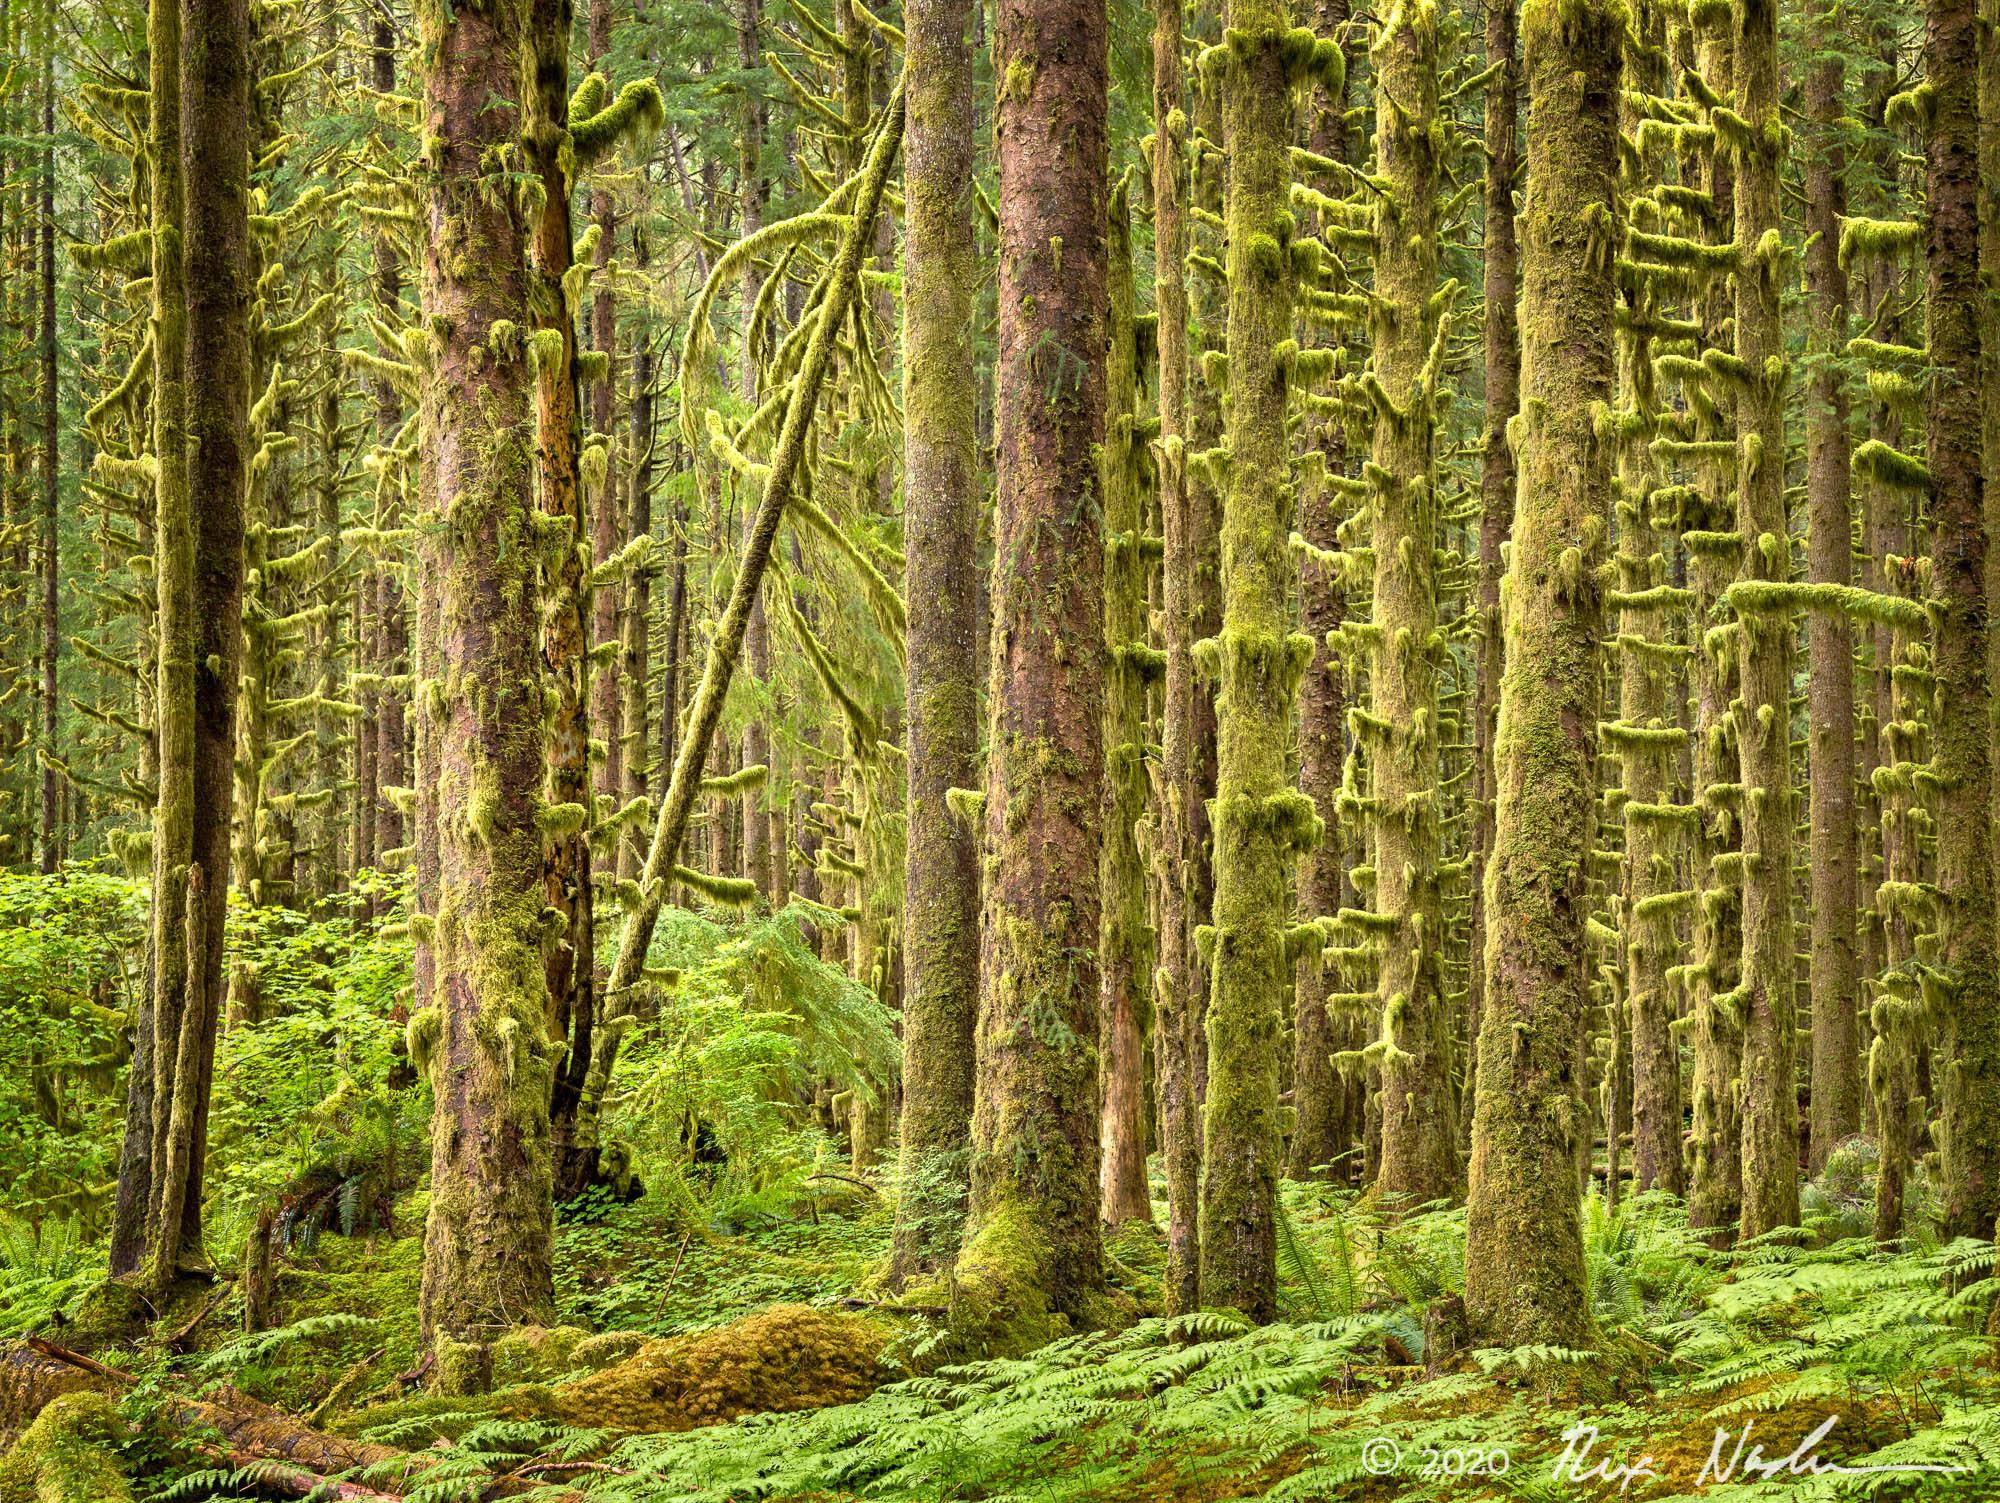 Velvet Errant - Rain Forest, Olympic NP